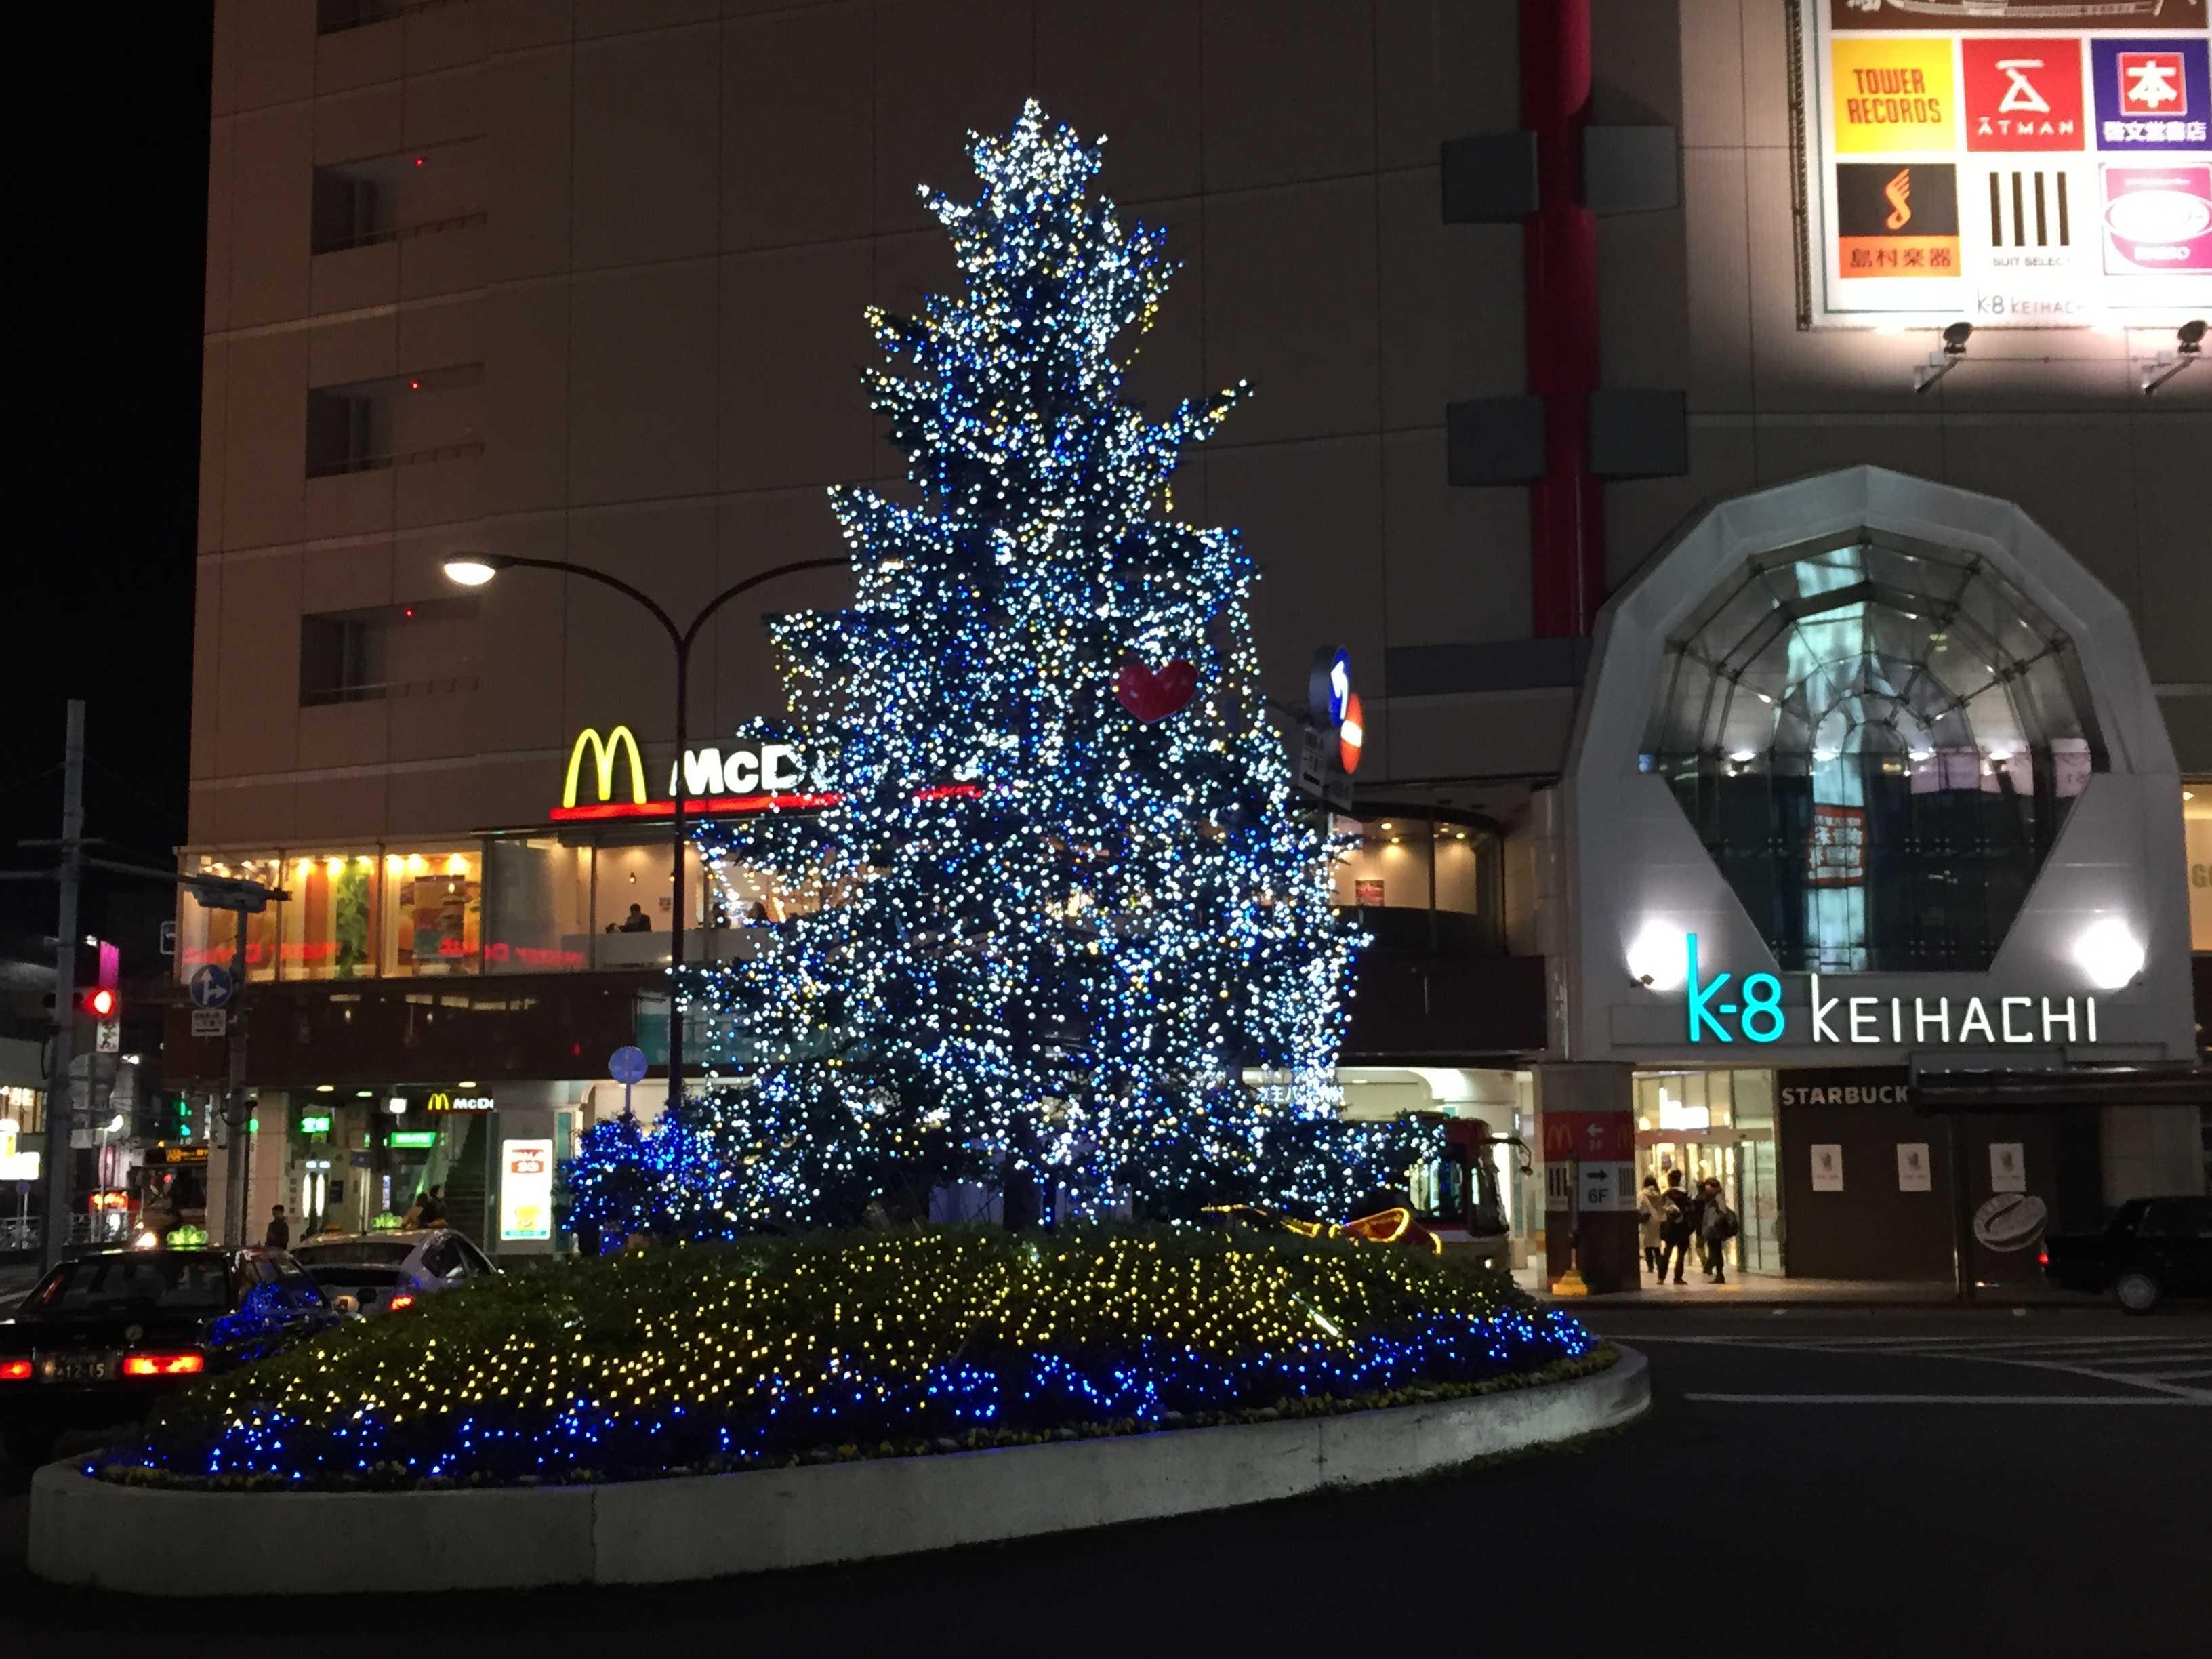 京王八王子駅前のクリスマスツリー